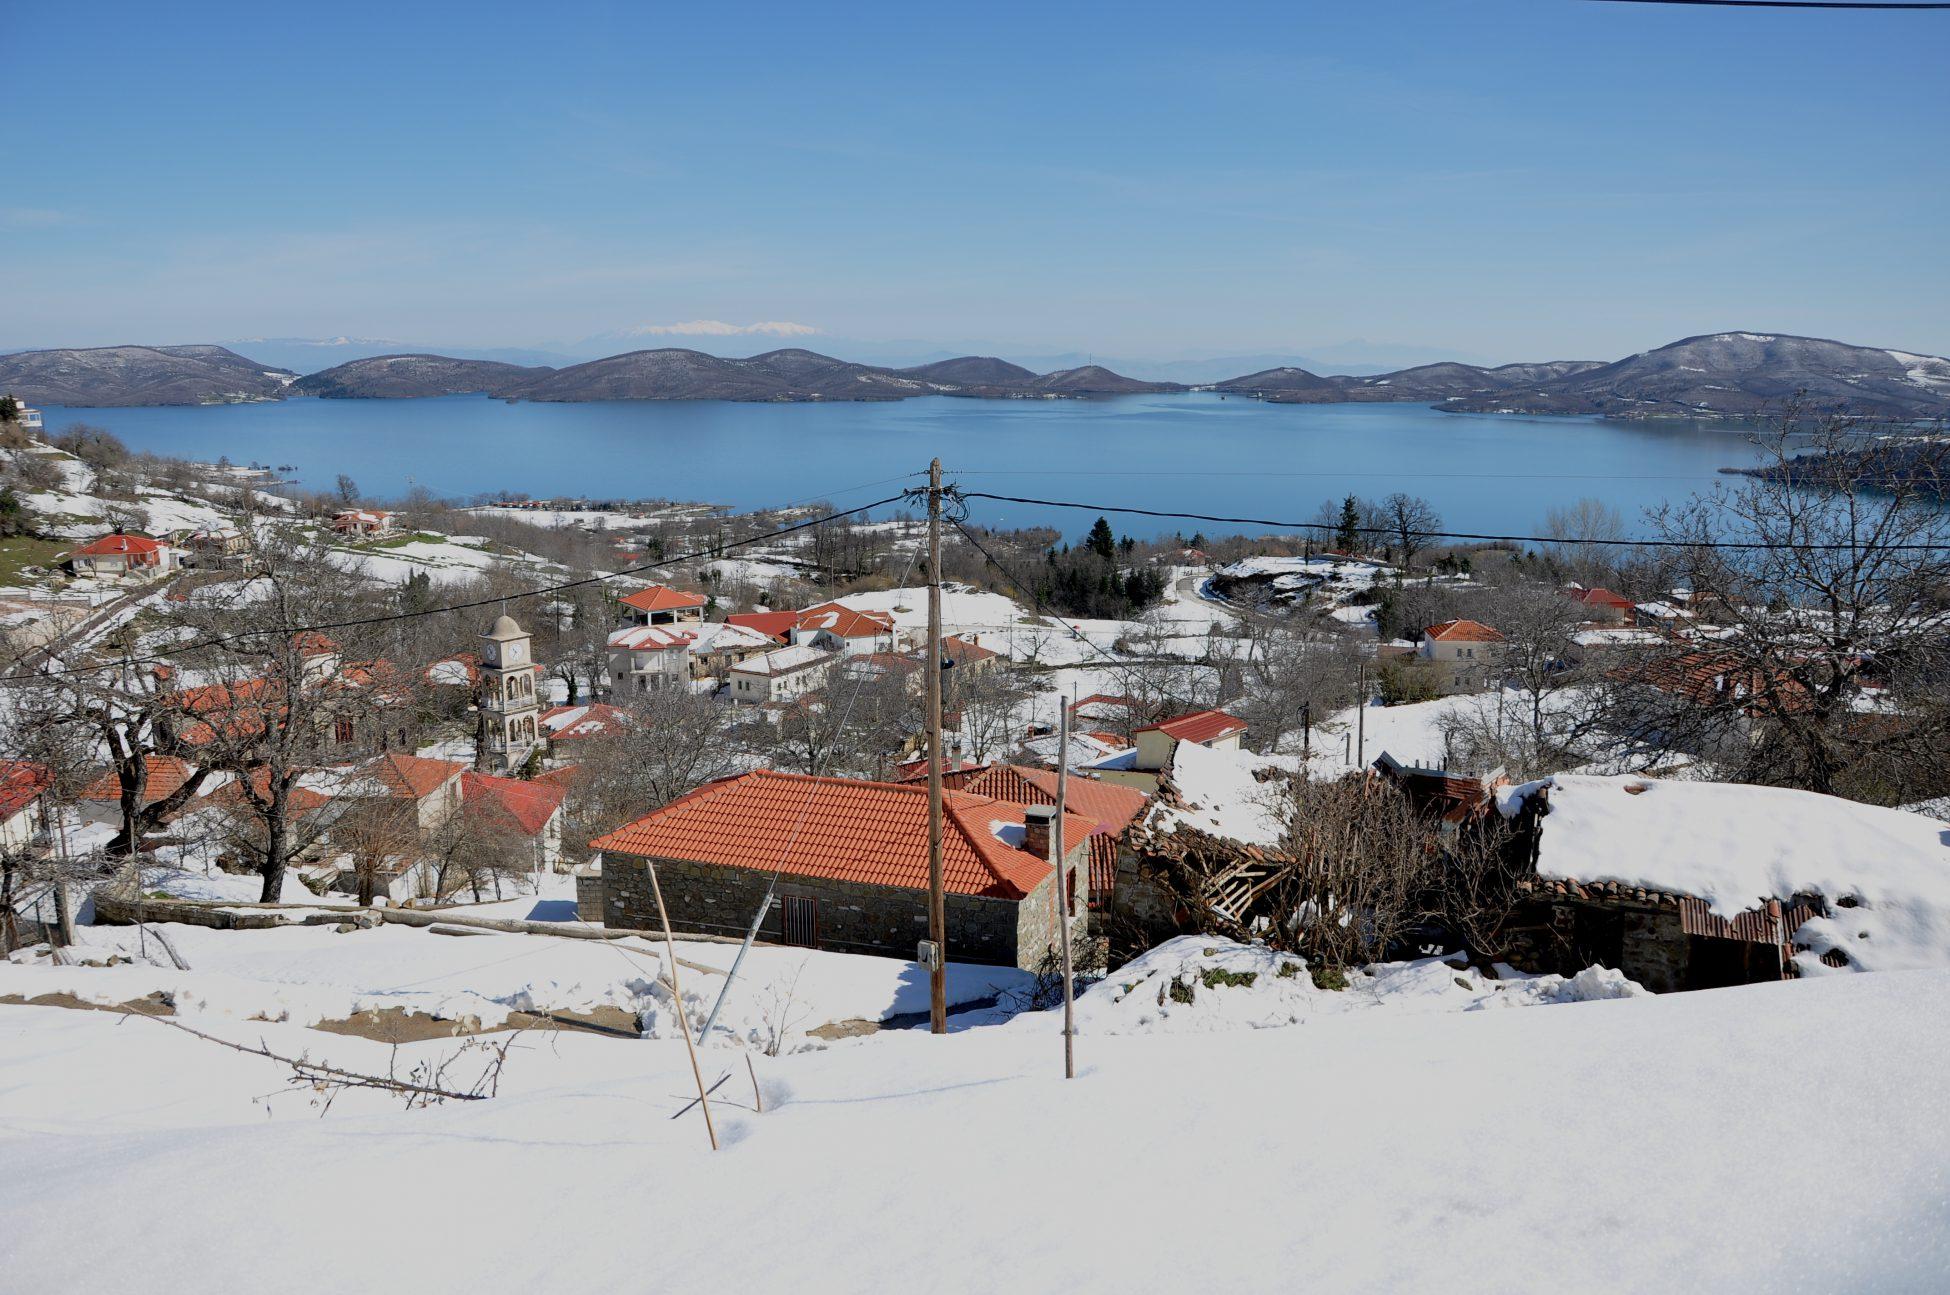 Νεοχώρι | Δήμος Λίμνης Πλαστήρα